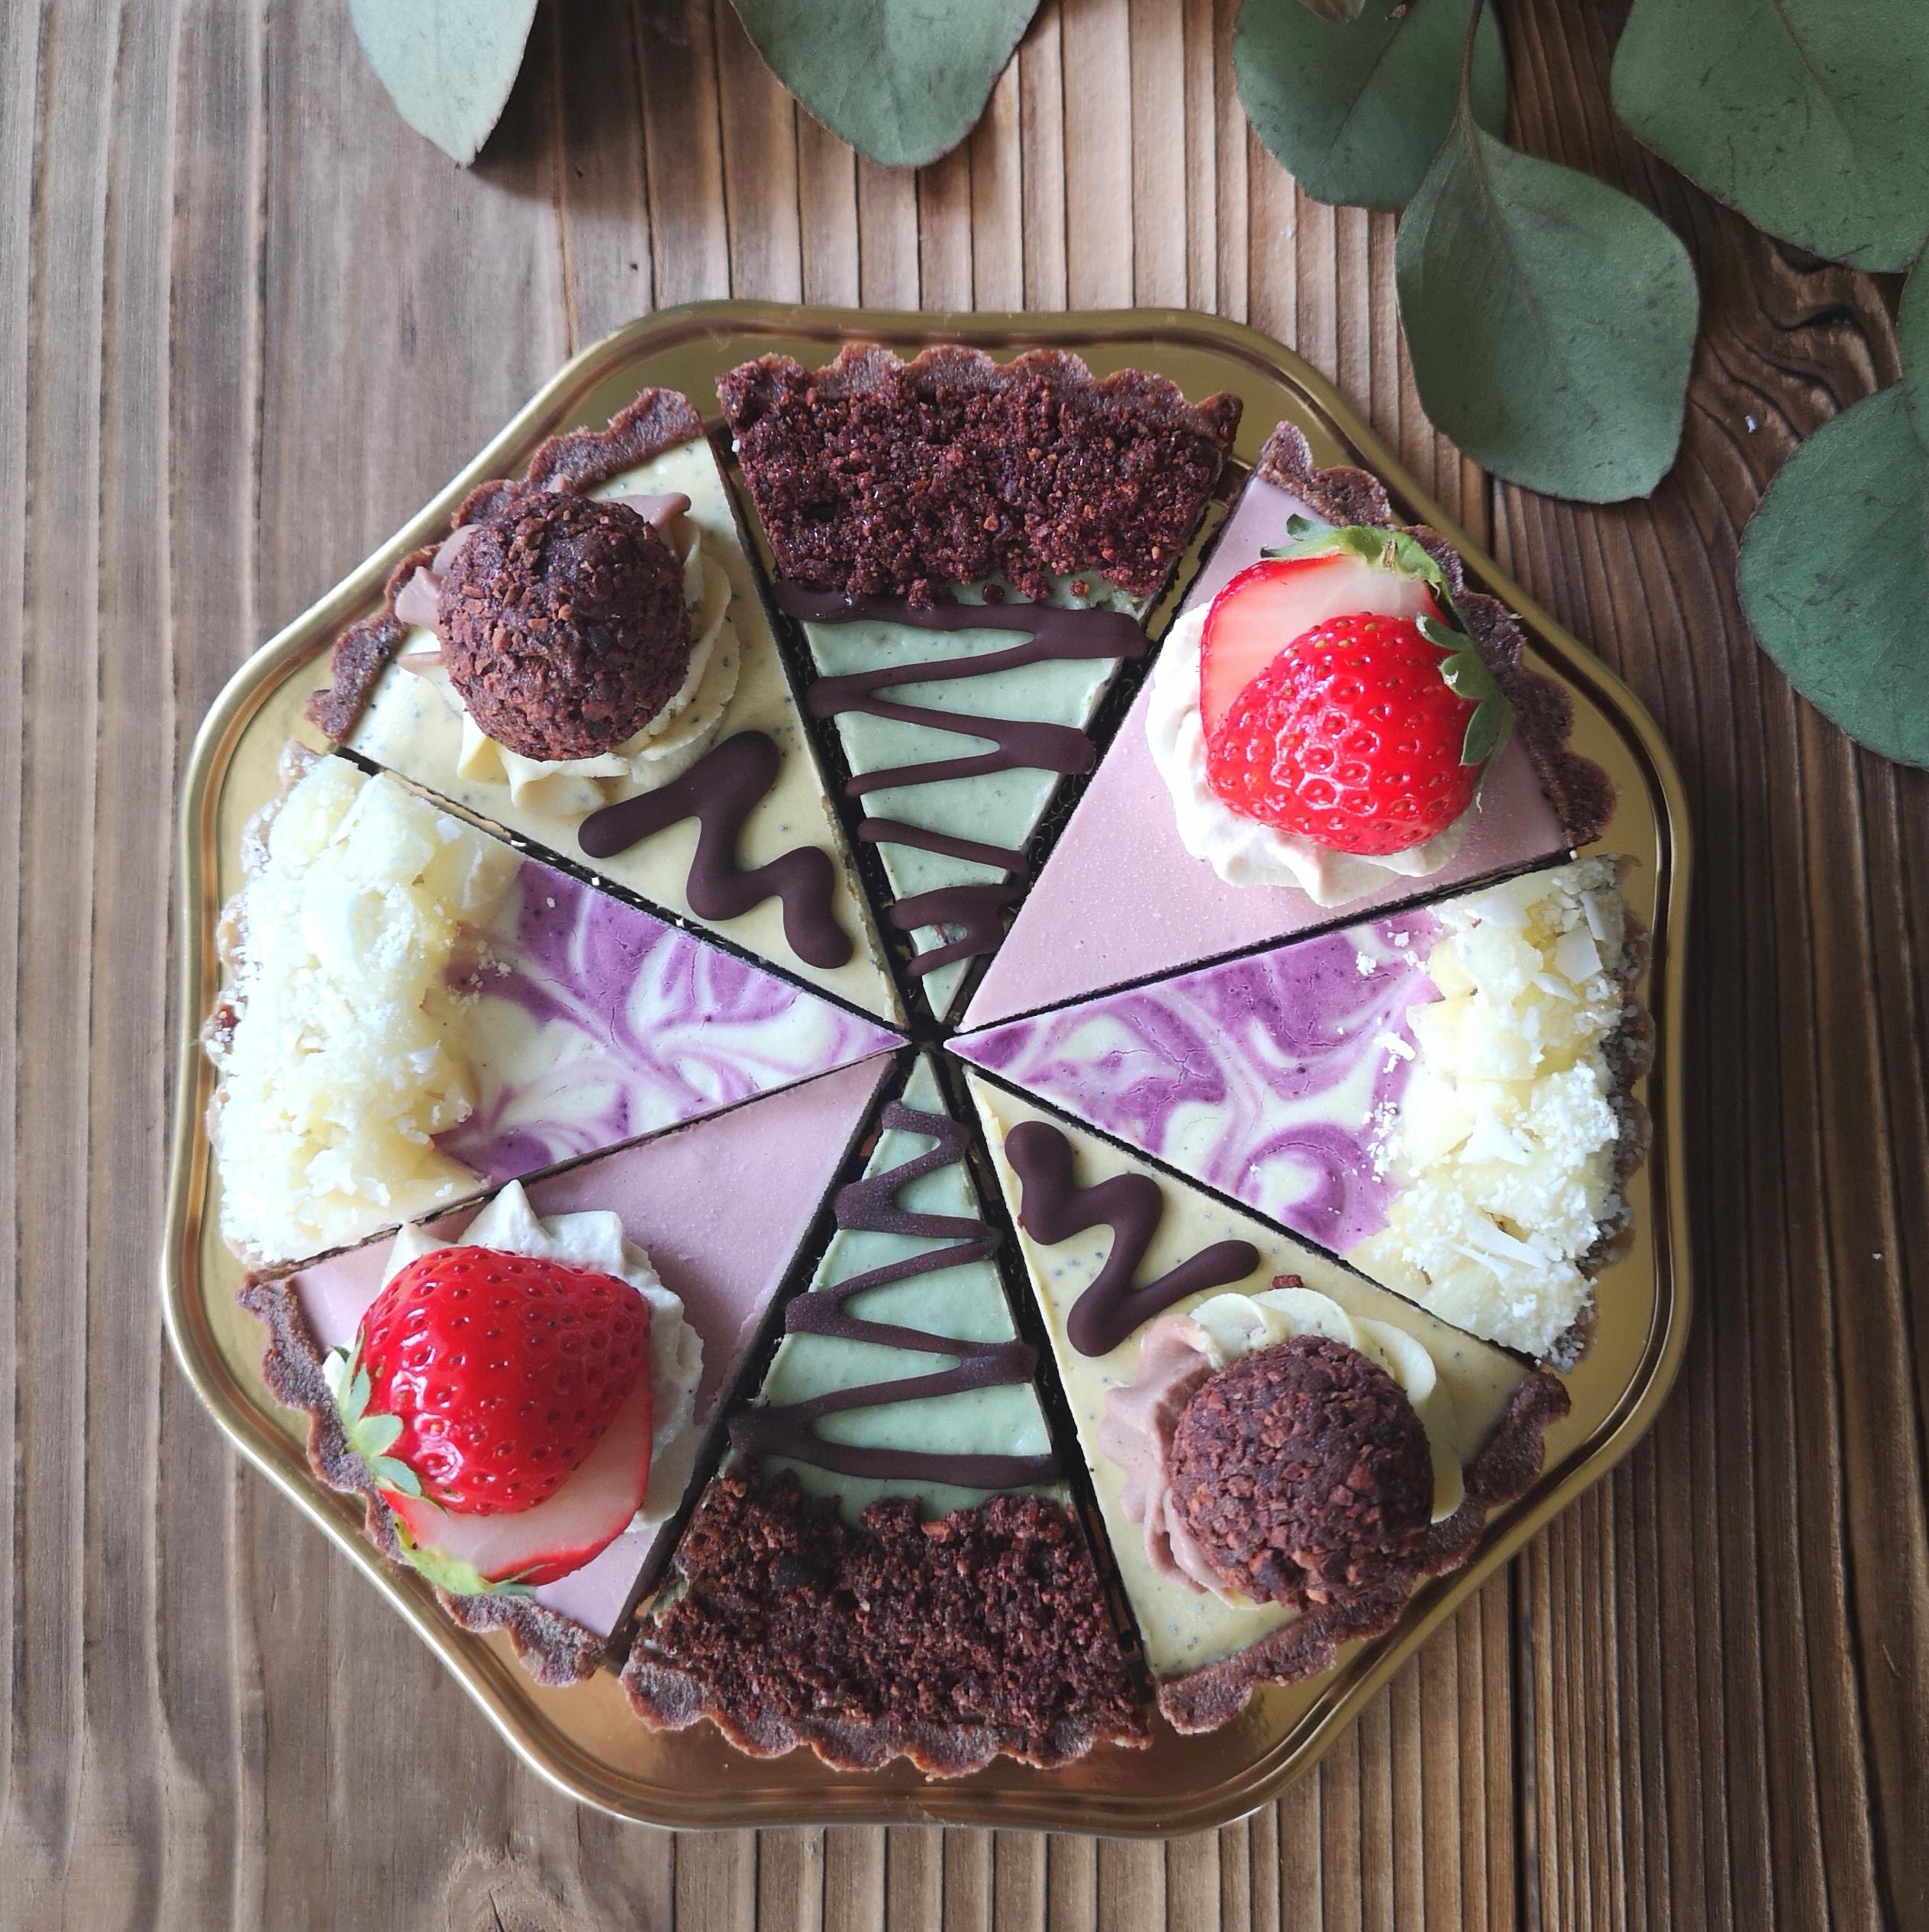 【ご予約のお客さま専用です】季節のローケーキアソートセット Vol.3